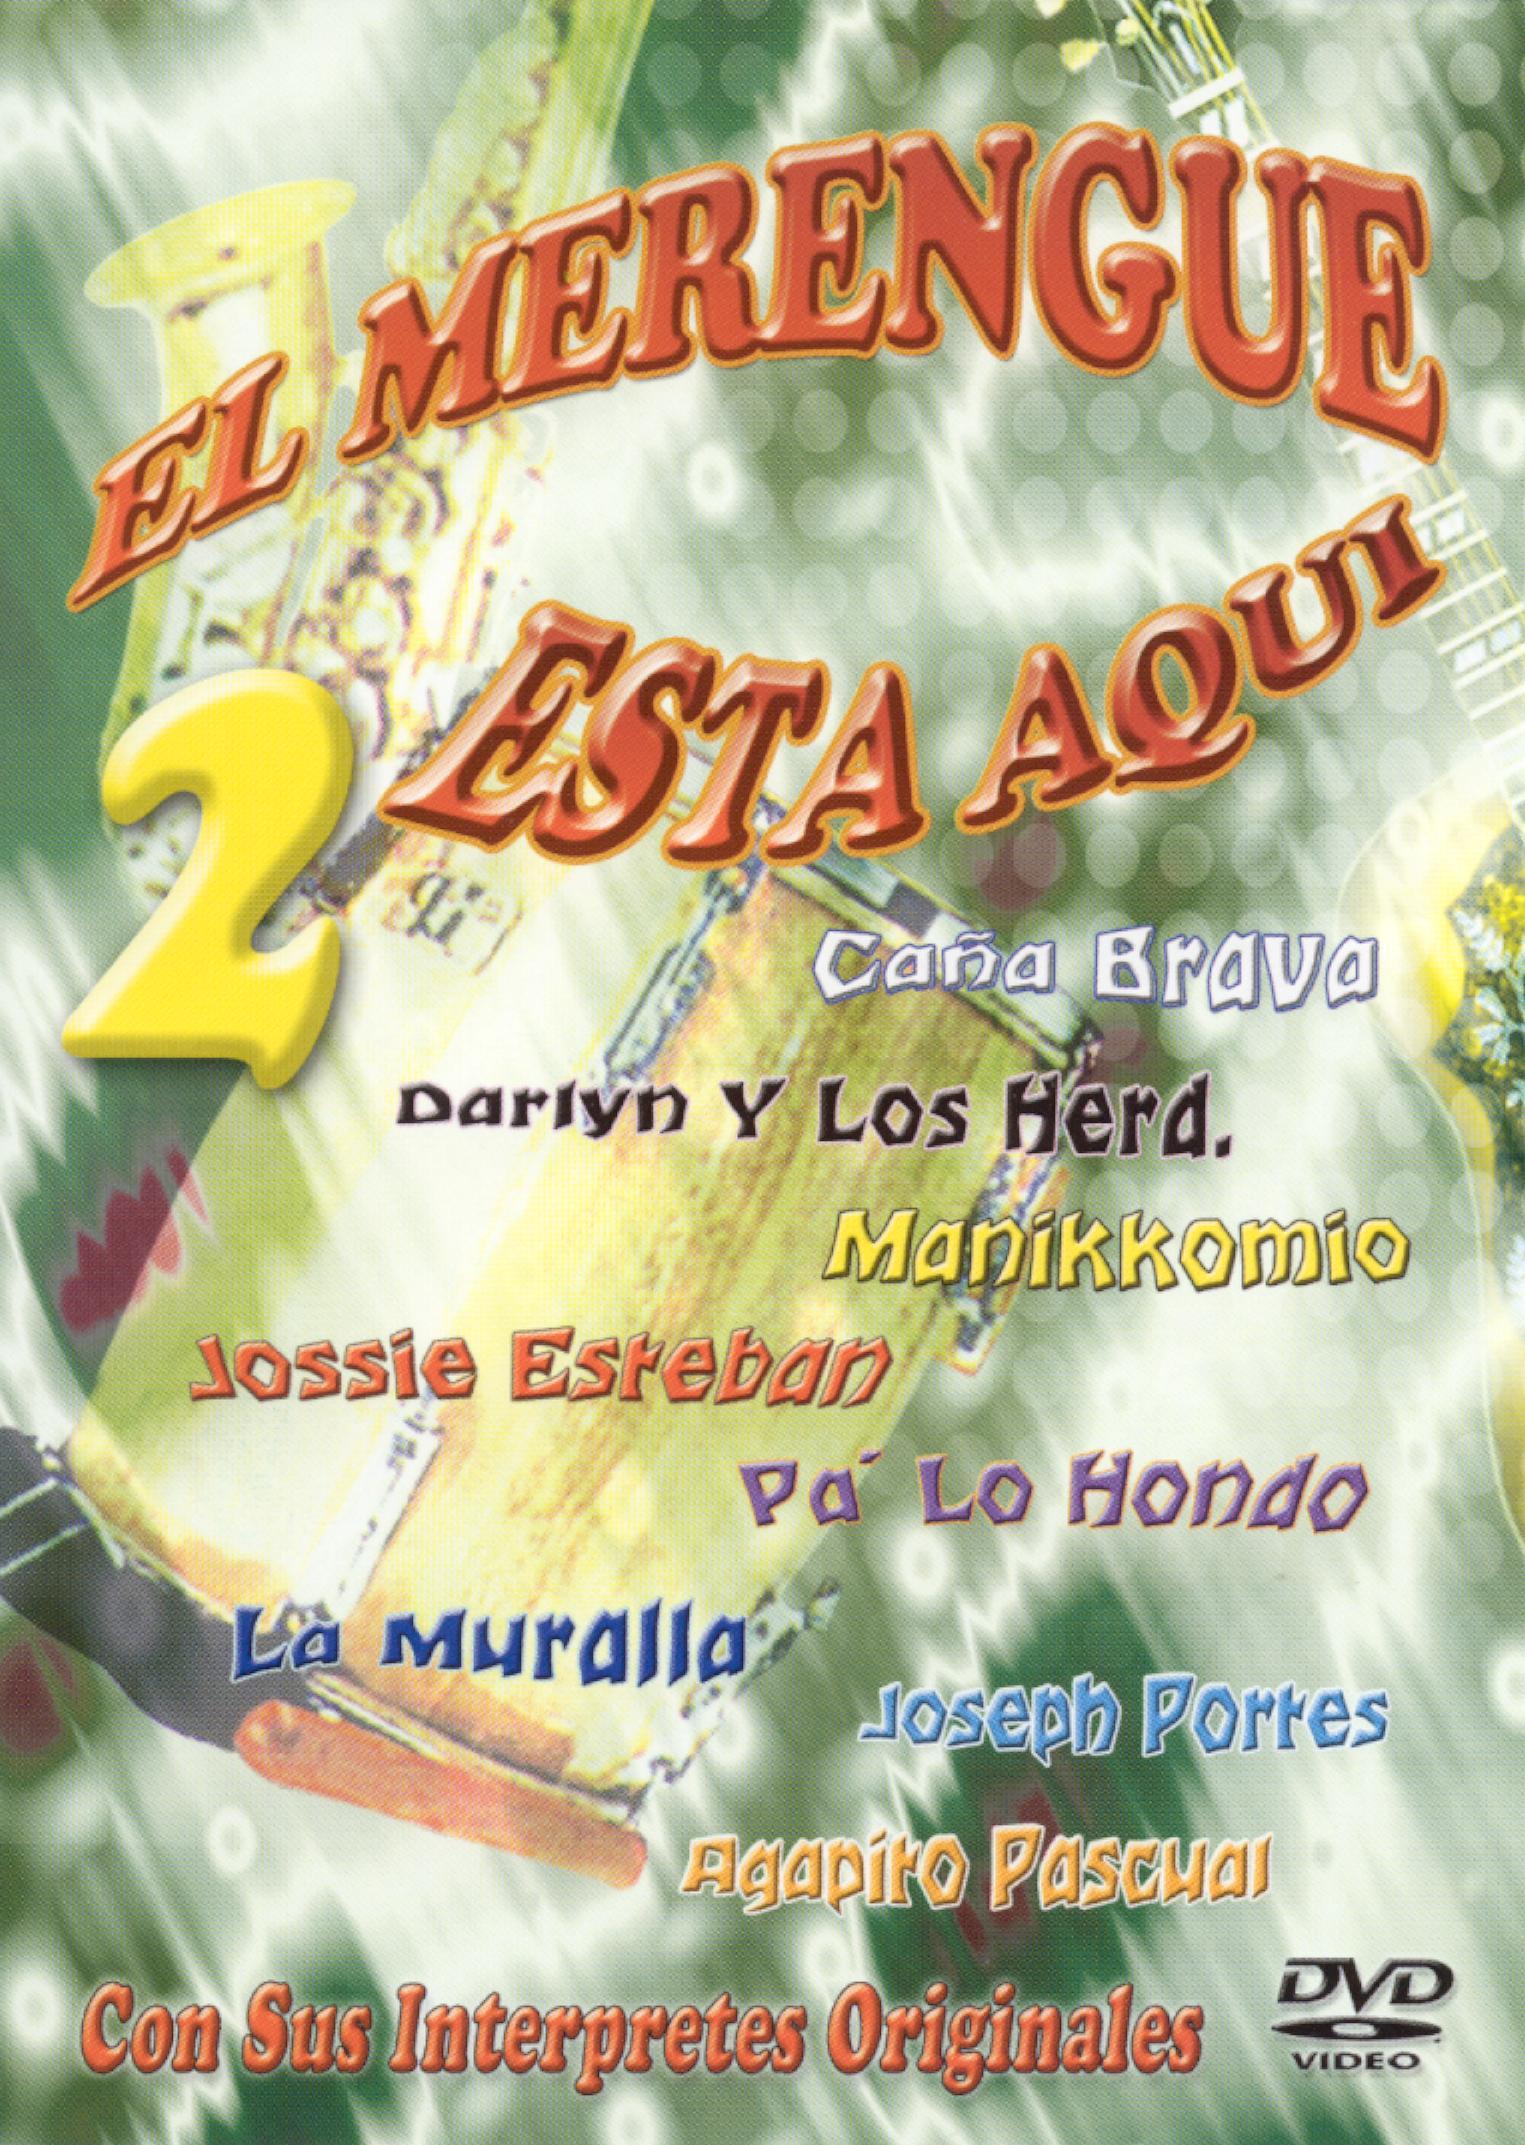 El Merengue Esta Aqui, Vol. 2